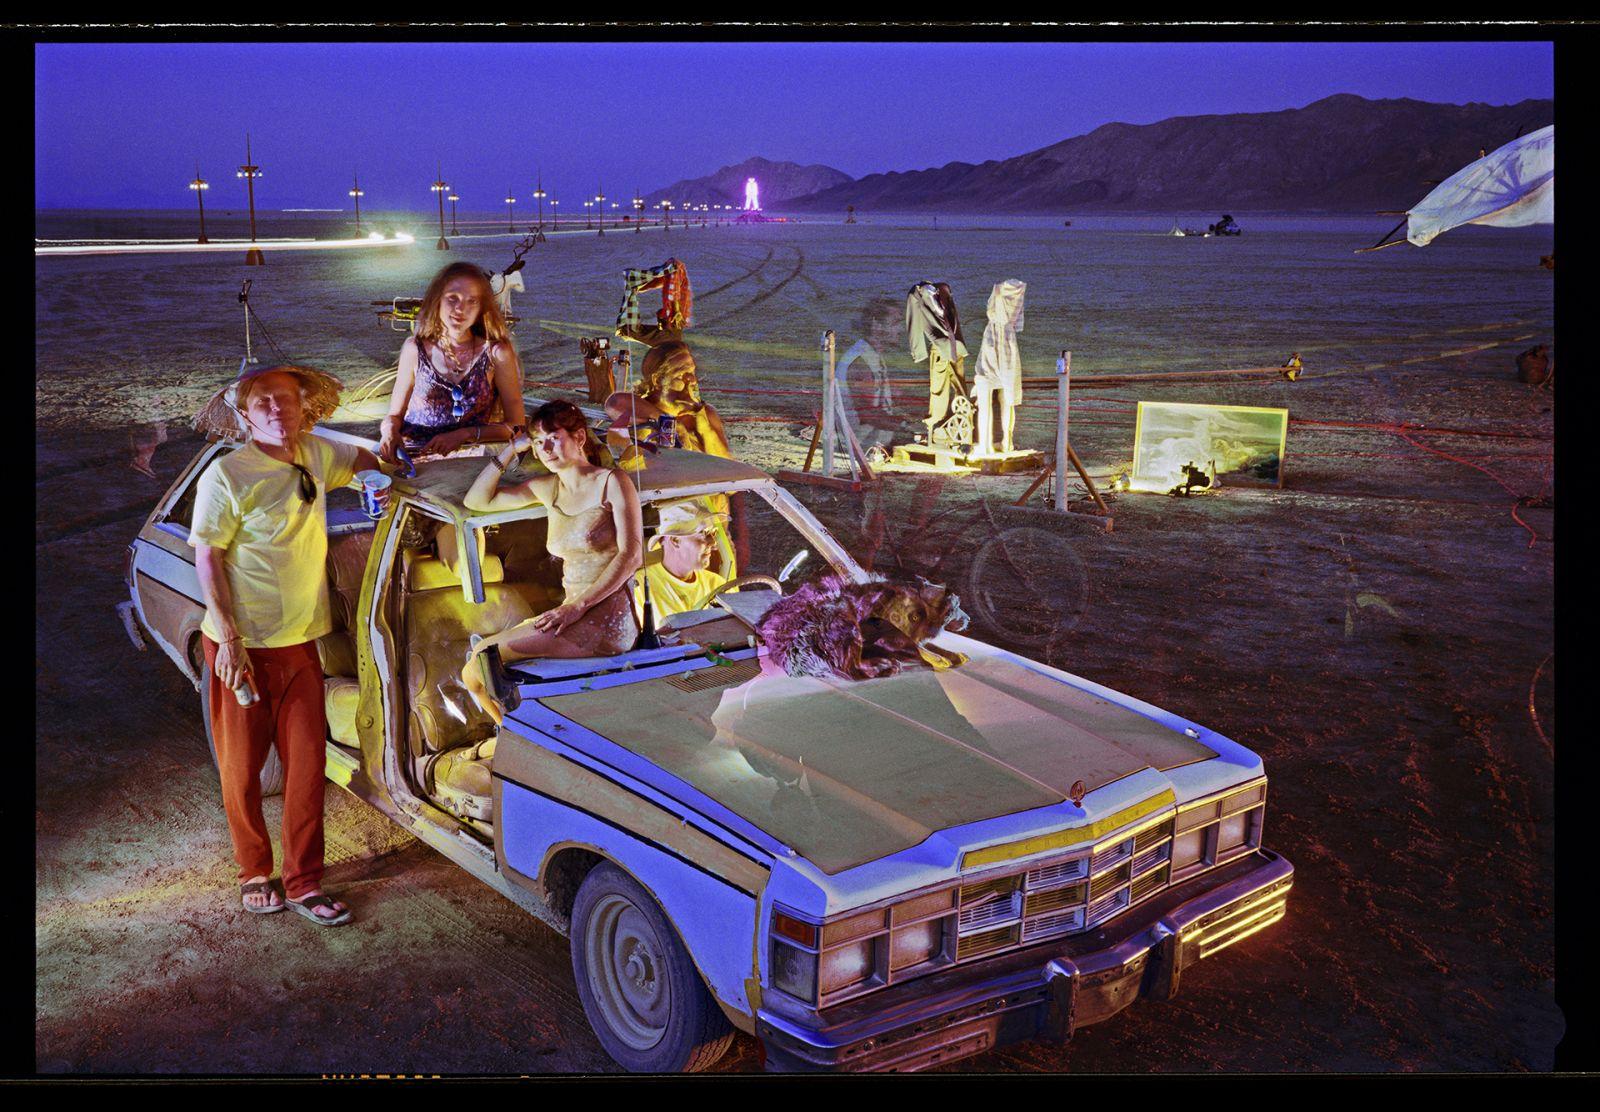 William Binzen & Desert Siteworks -